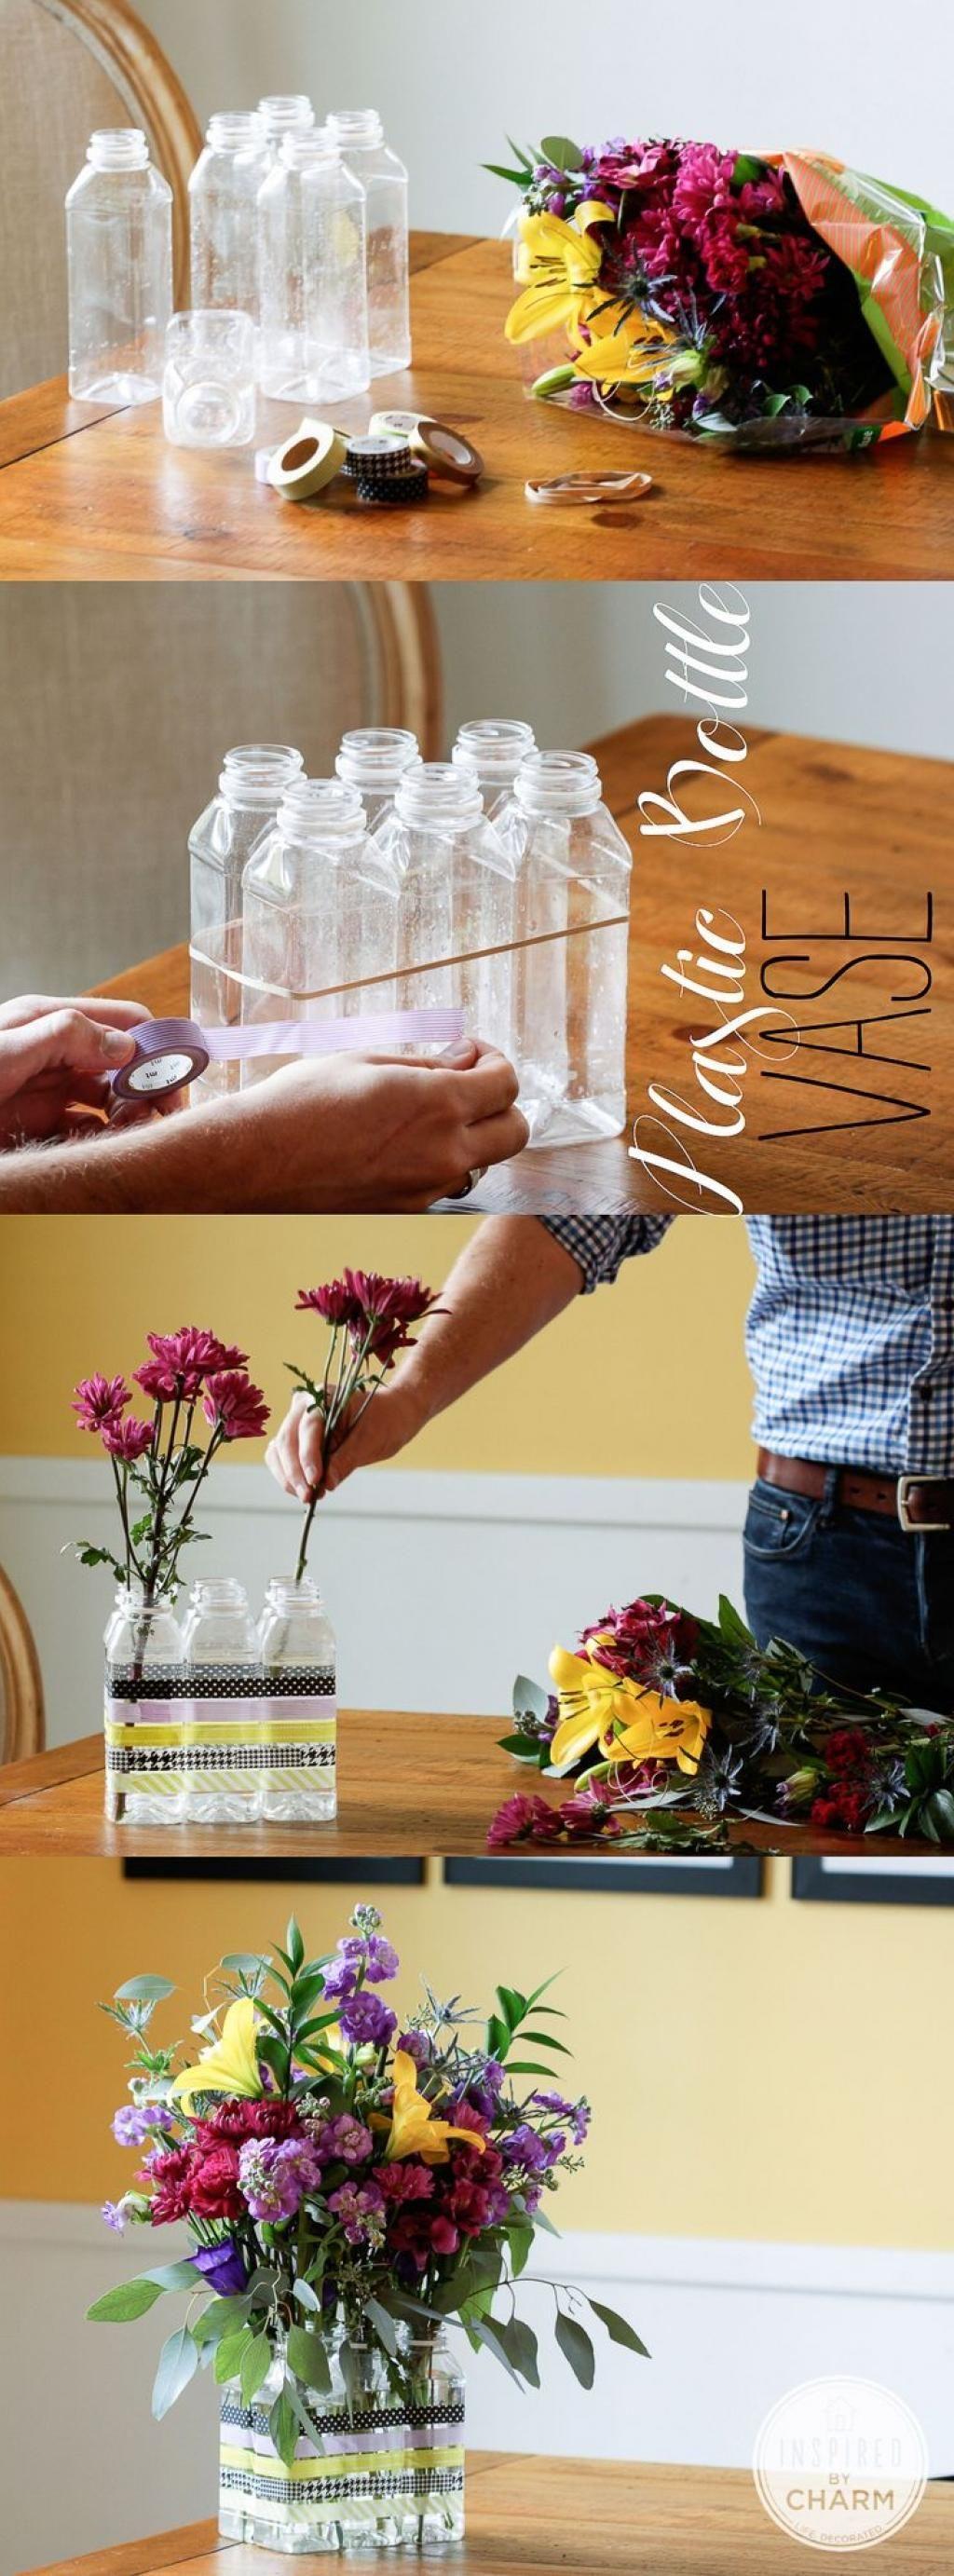 Il récupère des bouteilles d'eau, ce qu'il en fait est, BRILLANT! - Trucs et Bricolages